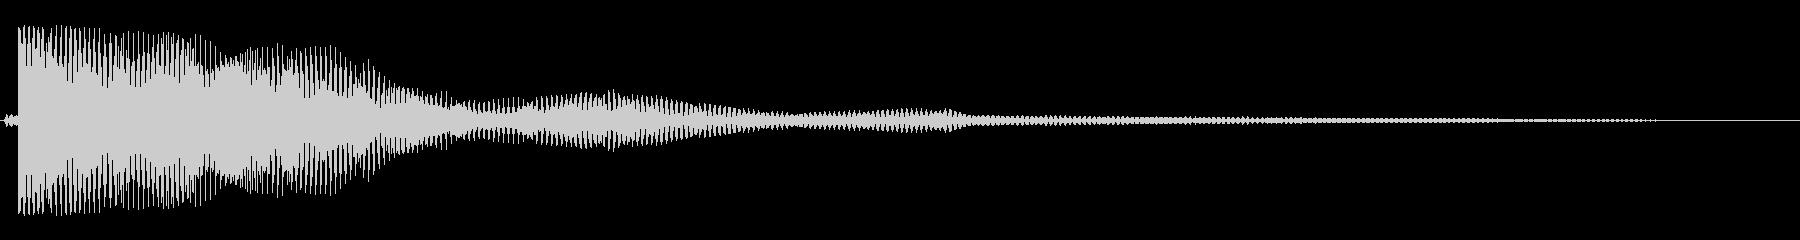 キワァ〜ン(安らかで不思議と耳に残る音)の未再生の波形